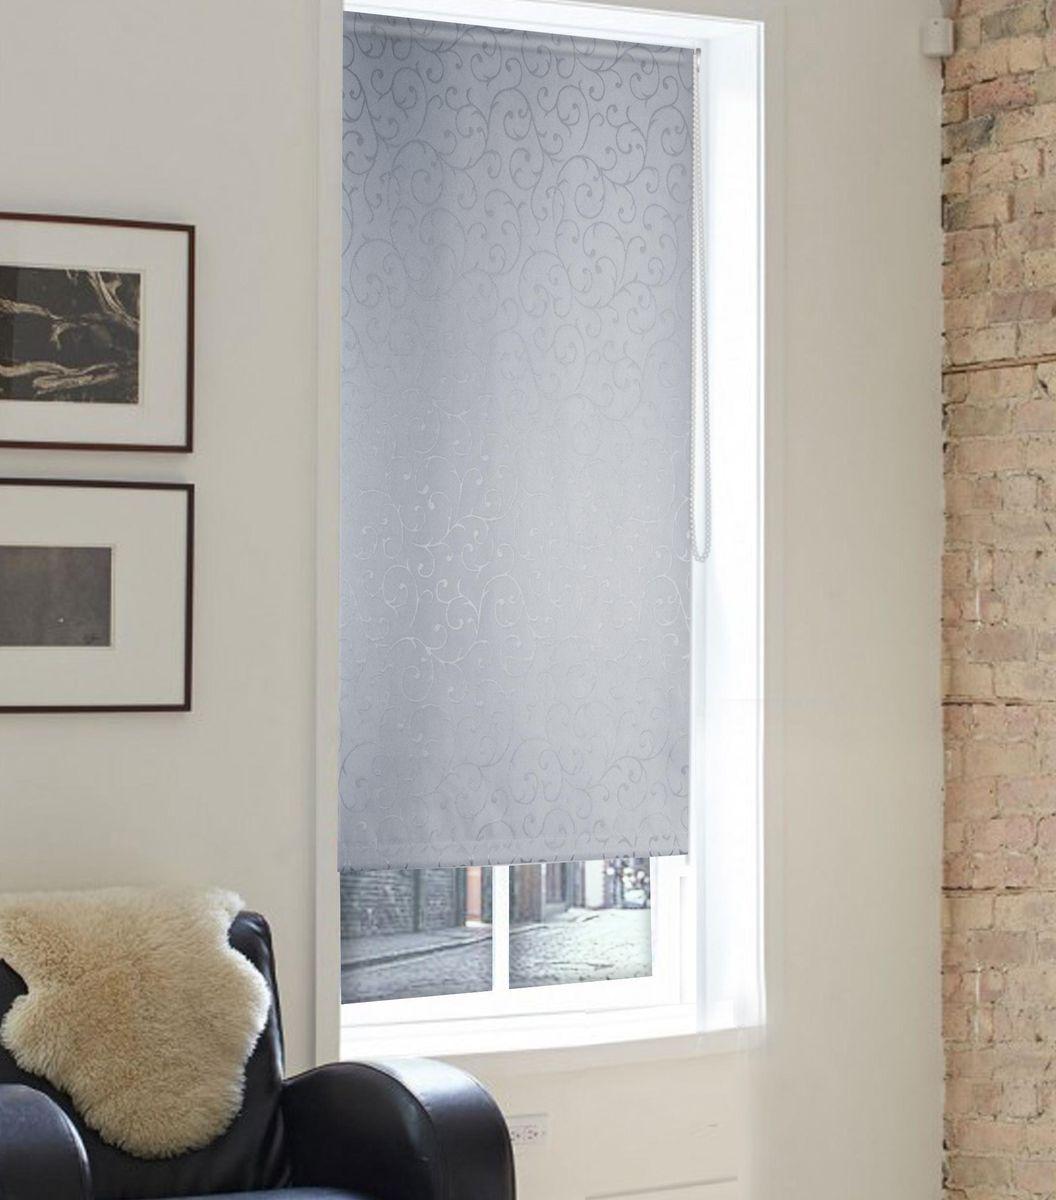 Штора рулонная Эскар Агат, цвет: серый, ширина 130 см, высота 160 см87022130160Рулонными шторами можно оформлять окна как самостоятельно, так и использовать в комбинации с портьерами. Это поможет предотвратить выгорание дорогой ткани на солнце и соединит функционал рулонных с красотой навесных. Преимущества применения рулонных штор для пластиковых окон: - имеют прекрасный внешний вид: многообразие и фактурность материала изделия отлично смотрятся в любом интерьере; - многофункциональны: есть возможность подобрать шторы способные эффективно защитить комнату от солнца, при этом она не будет слишком темной. - Есть возможность осуществить быстрый монтаж. ВНИМАНИЕ! Размеры ширины изделия указаны по ширине ткани! Во время эксплуатации не рекомендуется полностью разматывать рулон, чтобы не оторвать ткань от намоточного вала. В случае загрязнения поверхности ткани, чистку шторы проводят одним из способов, в зависимости от типа загрязнения: легкое поверхностное загрязнение можно удалить при...